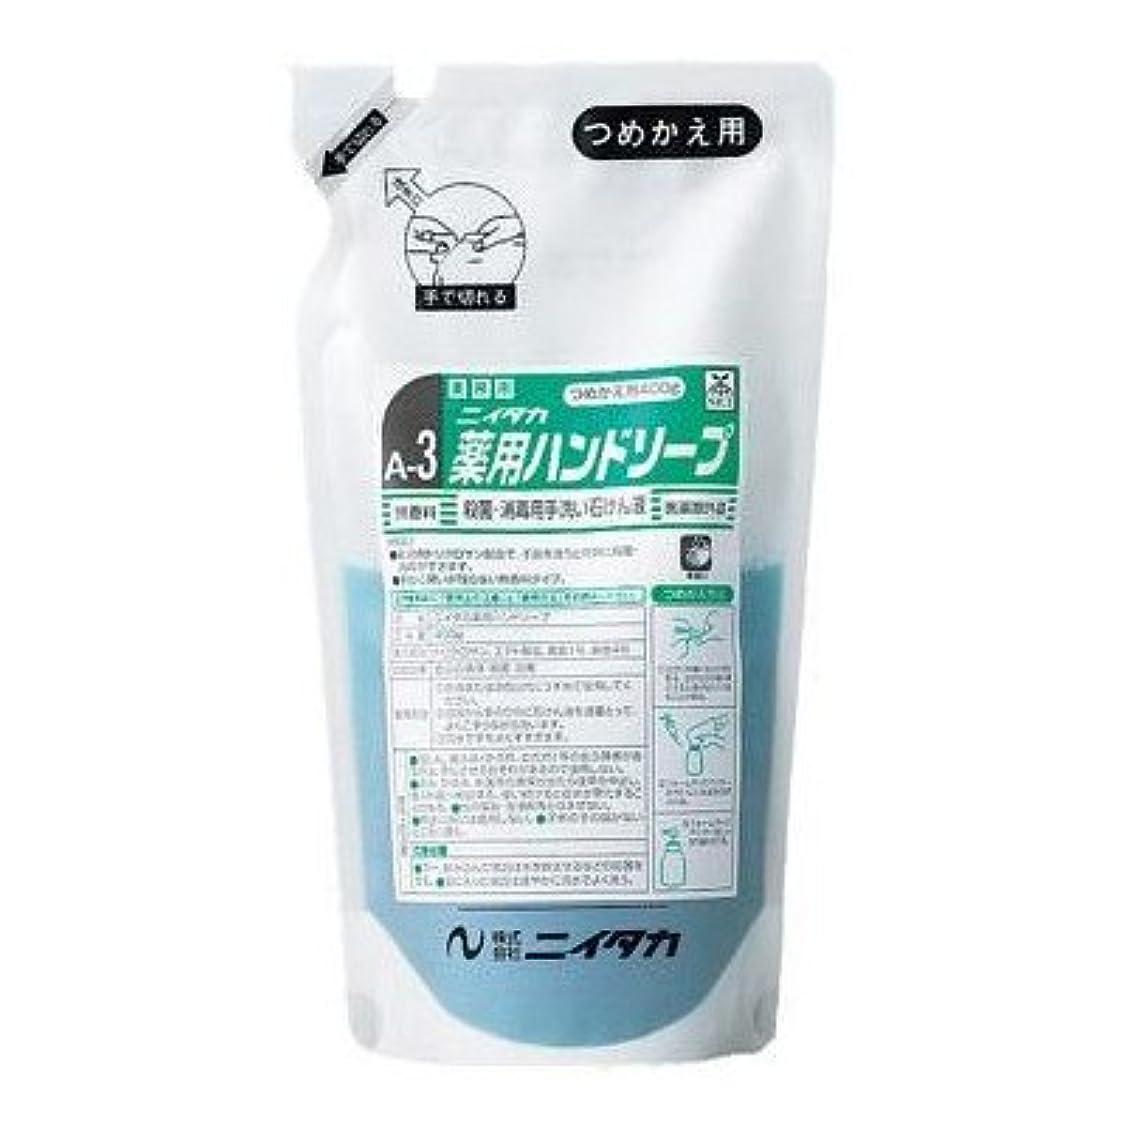 うつ原油送信するニイタカ 業務用手洗い石けん液 薬用ハンドソープ(A-3) 400g×6本